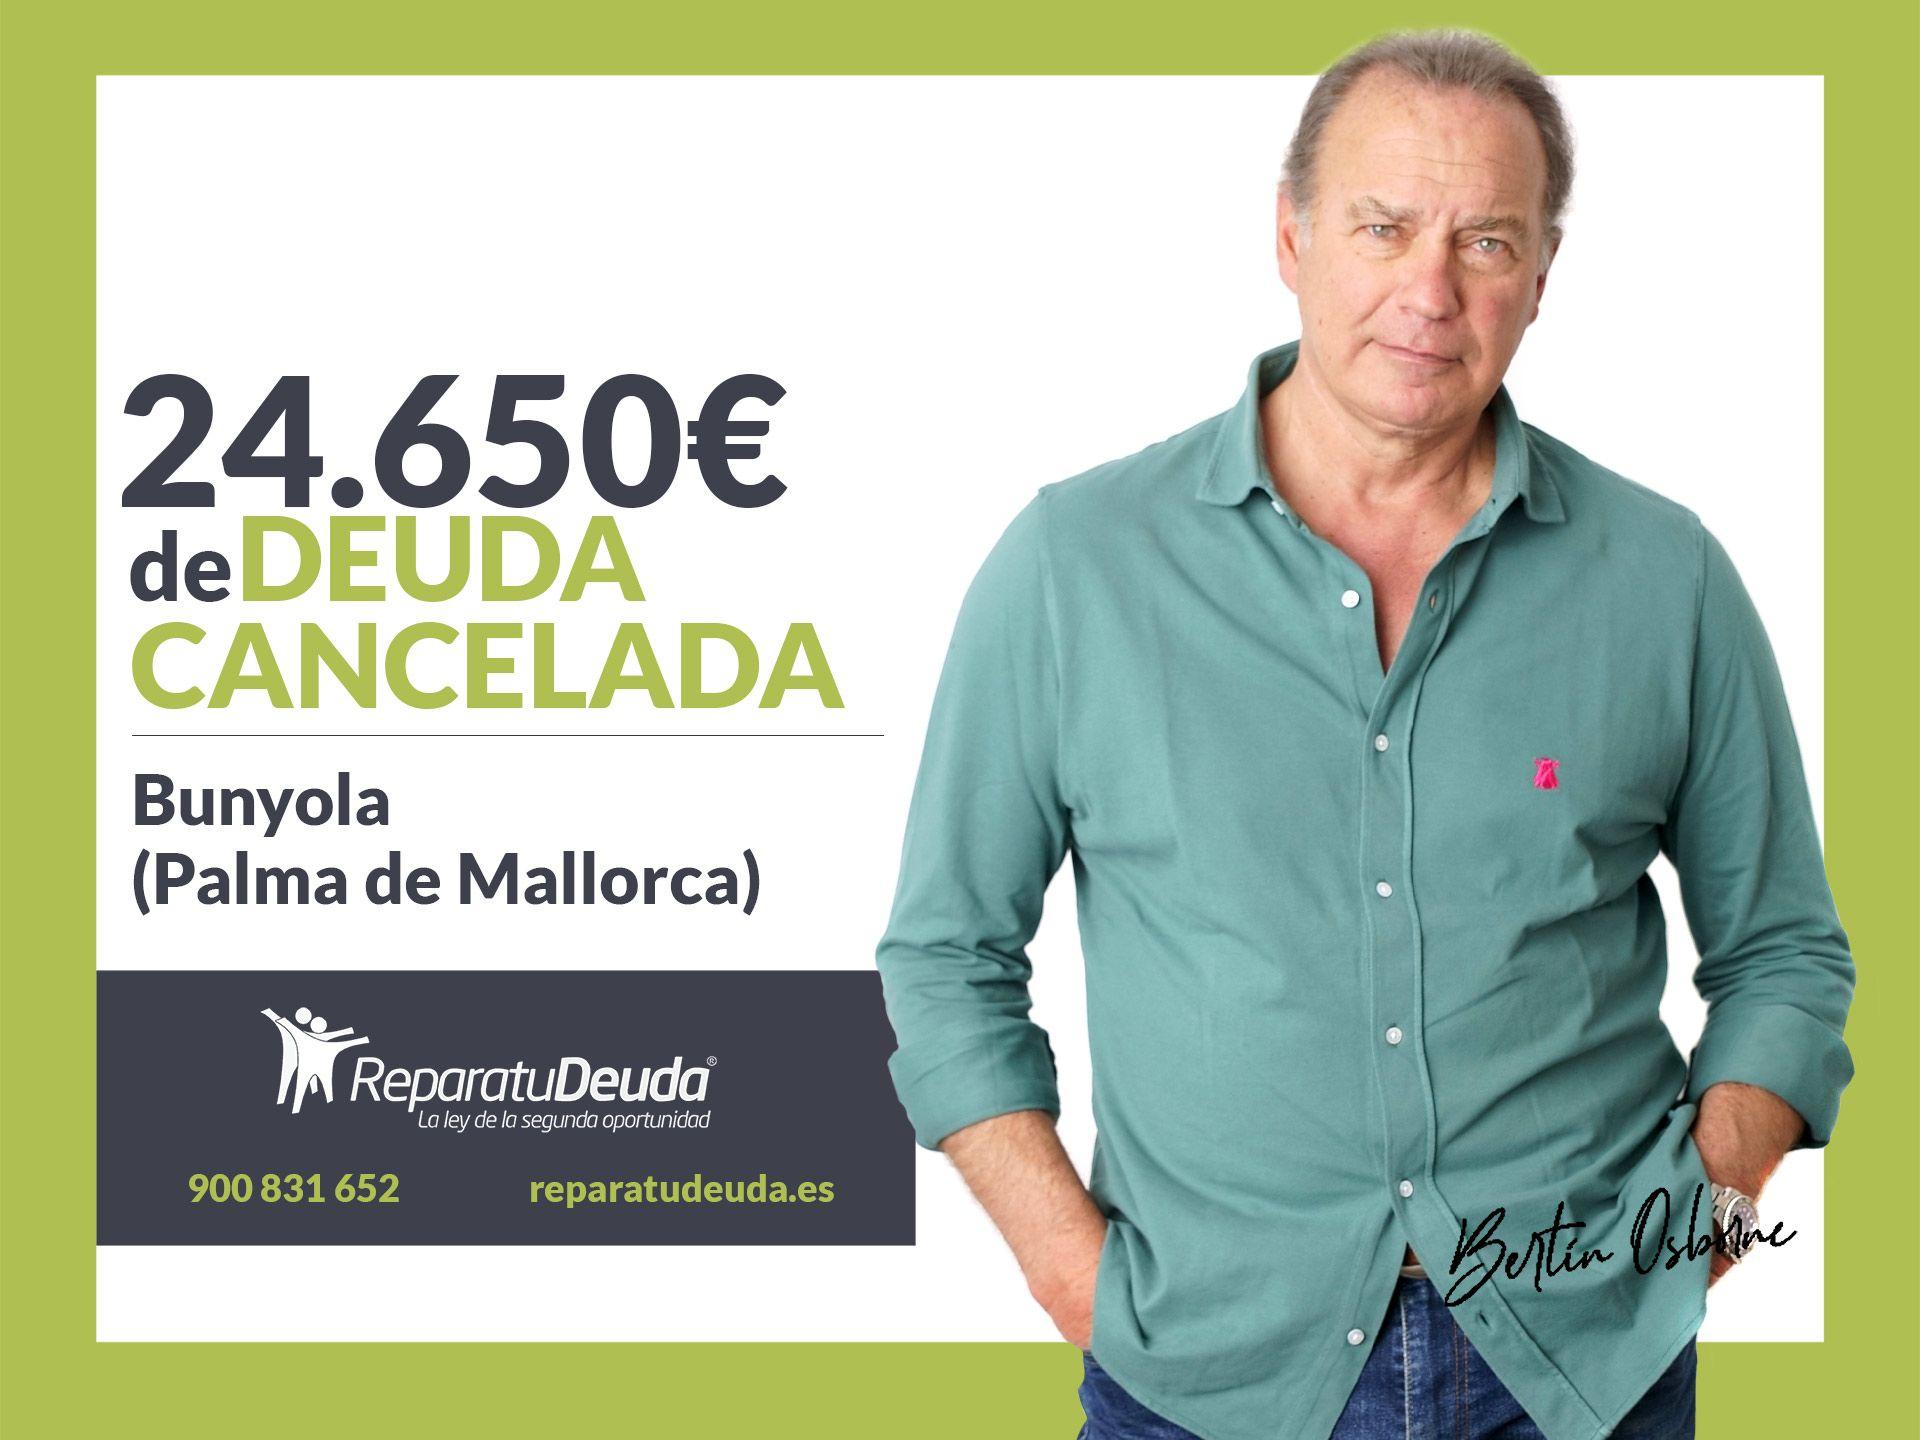 Repara tu Deuda Abogados cancela 24.650? en Bunyola (Mallorca) con la Ley de Segunda Oportunidad